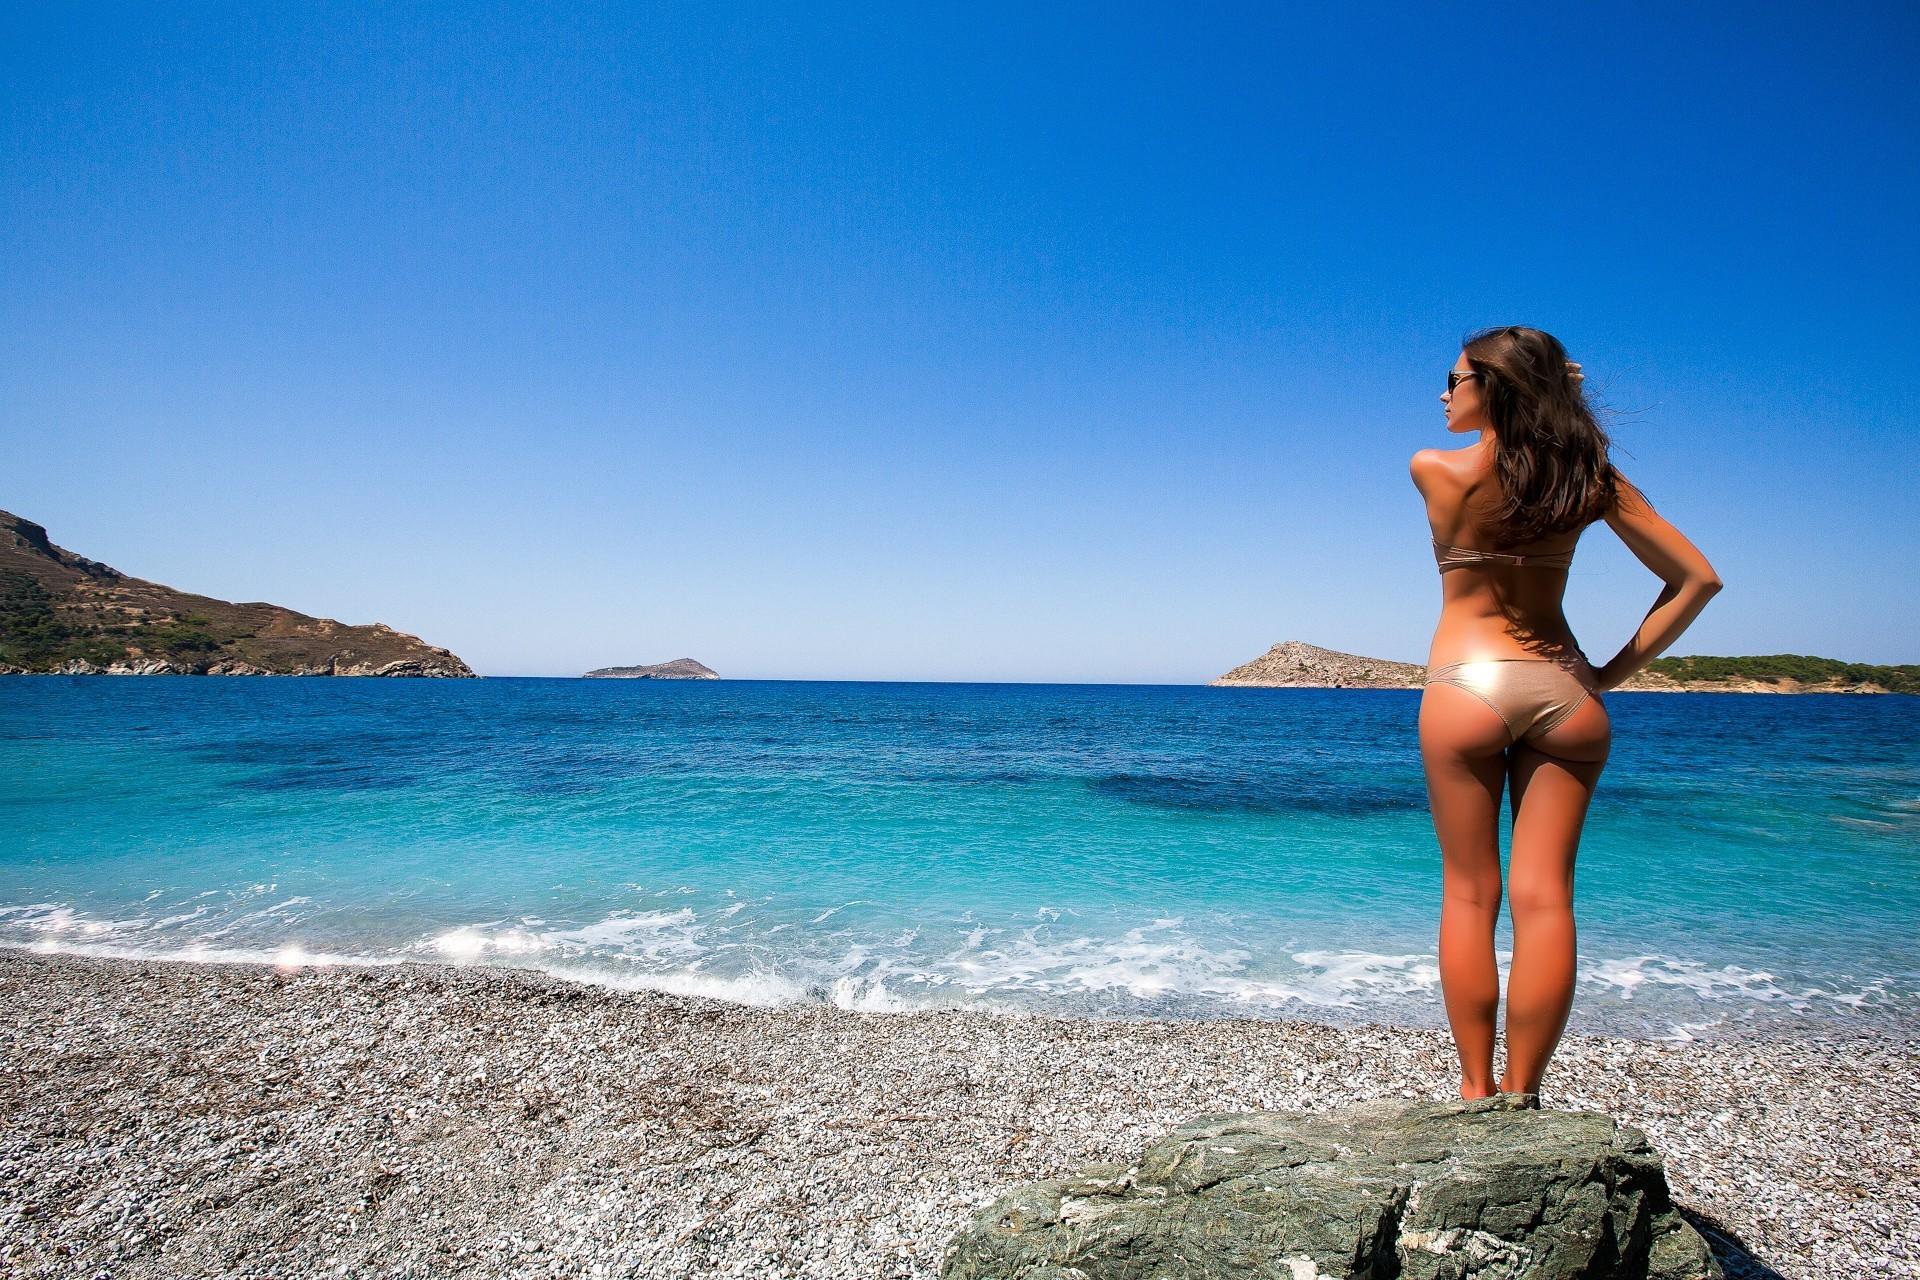 Красивые девушки с немаленькими сиськами отдыхают дома и на пляже  355896